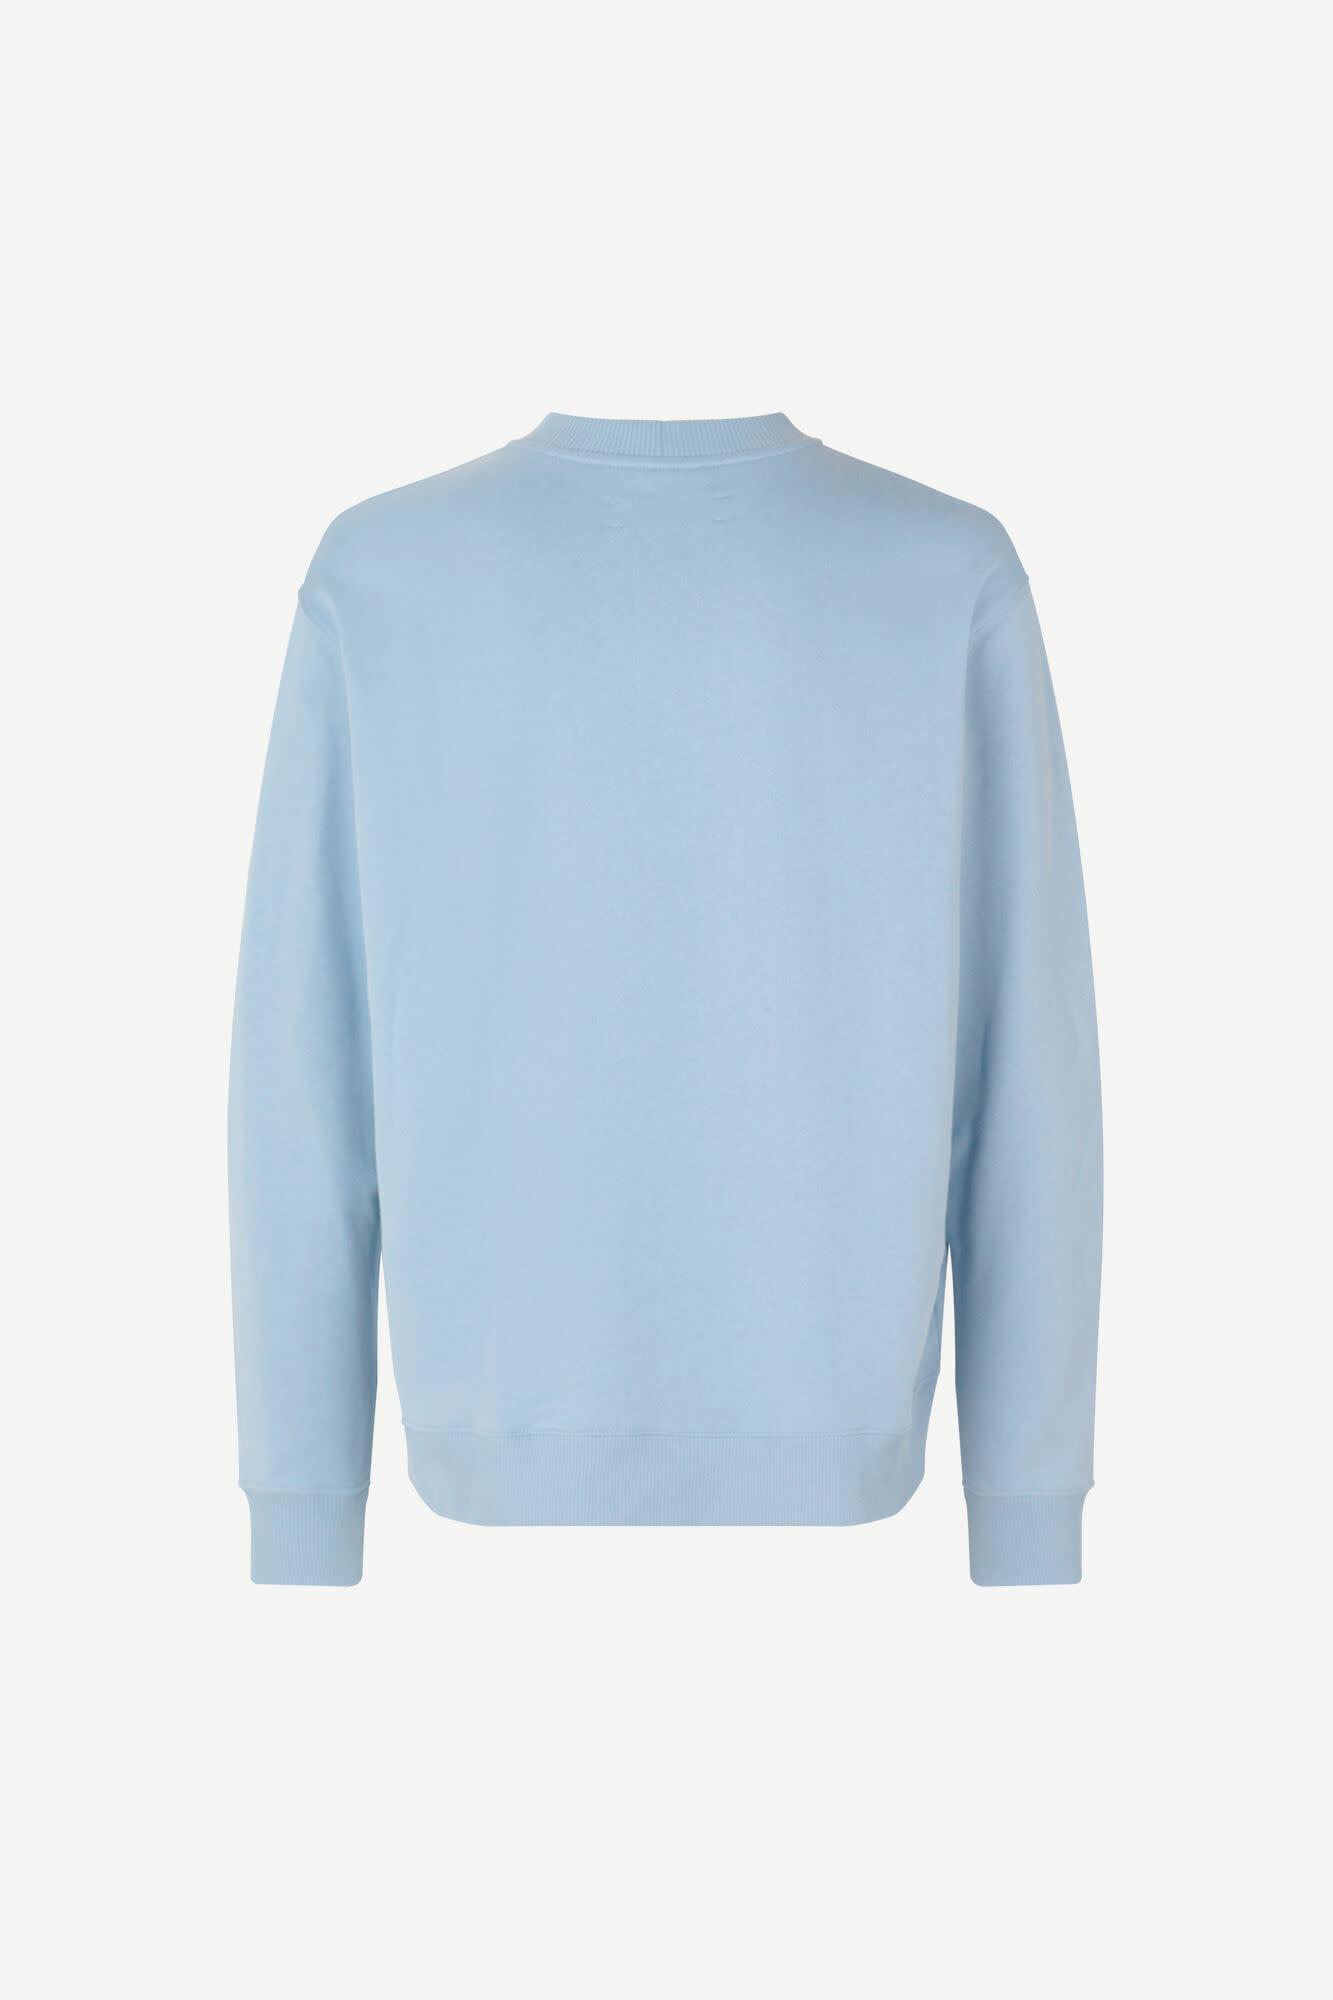 Toscan Sweatshirt Dusty Blue-1